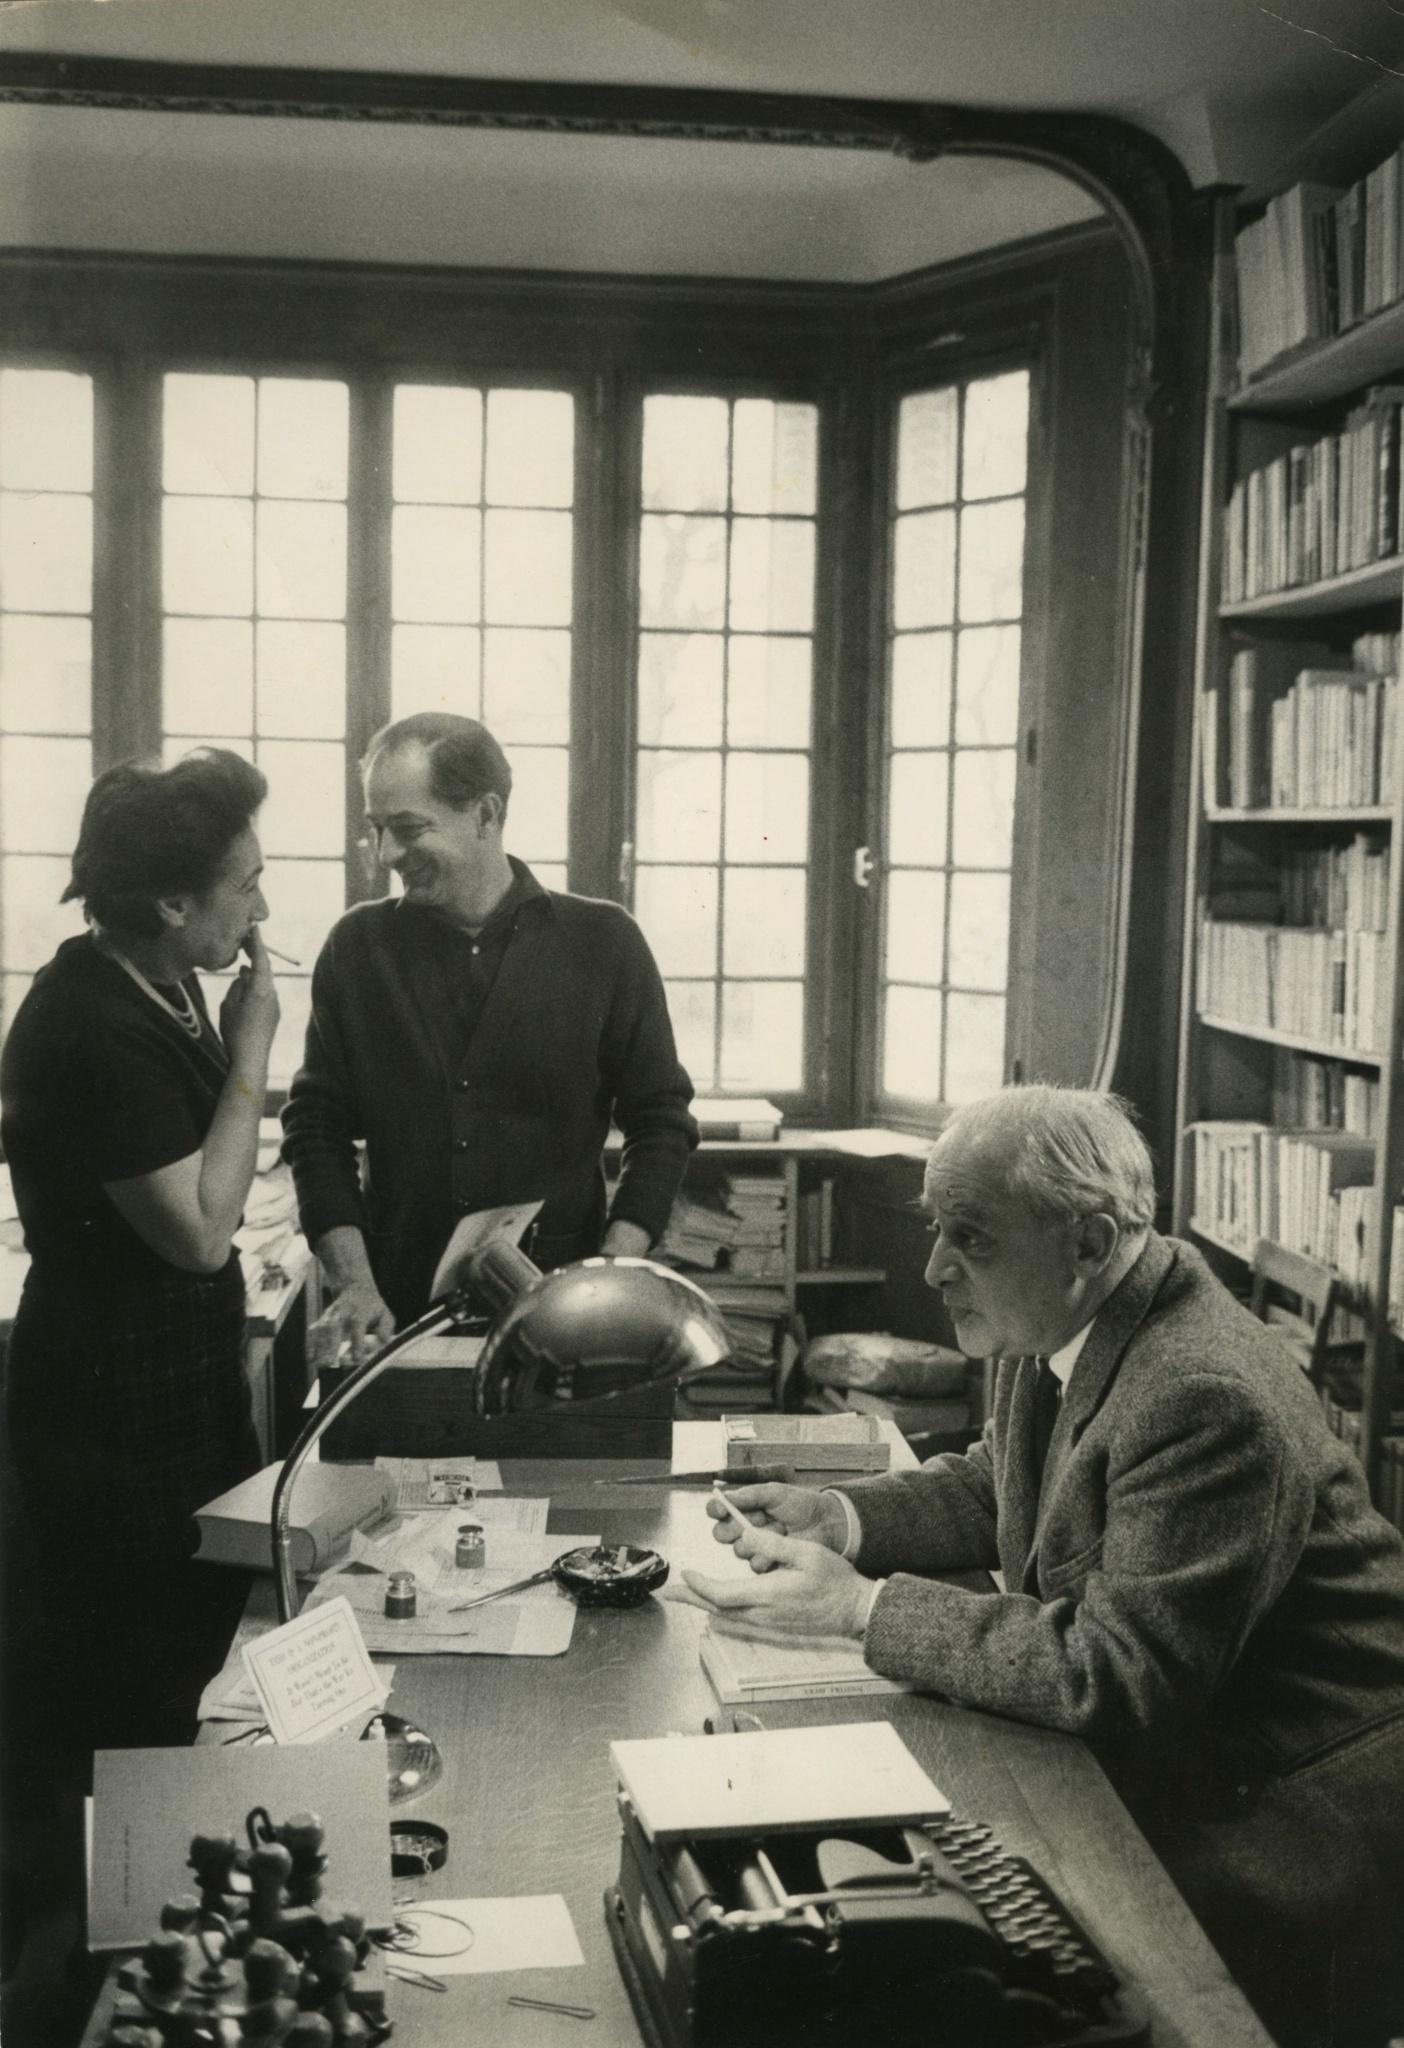 <div class='inner-box'><div class='close-desc'></div>  <span class='opis'>Pokój Henryka Giedroycia. Zofia Hertz, Henryk Giedroyc, Jerzy Giedroyc. Maisons-Laffitte, 1965</span>   </div>